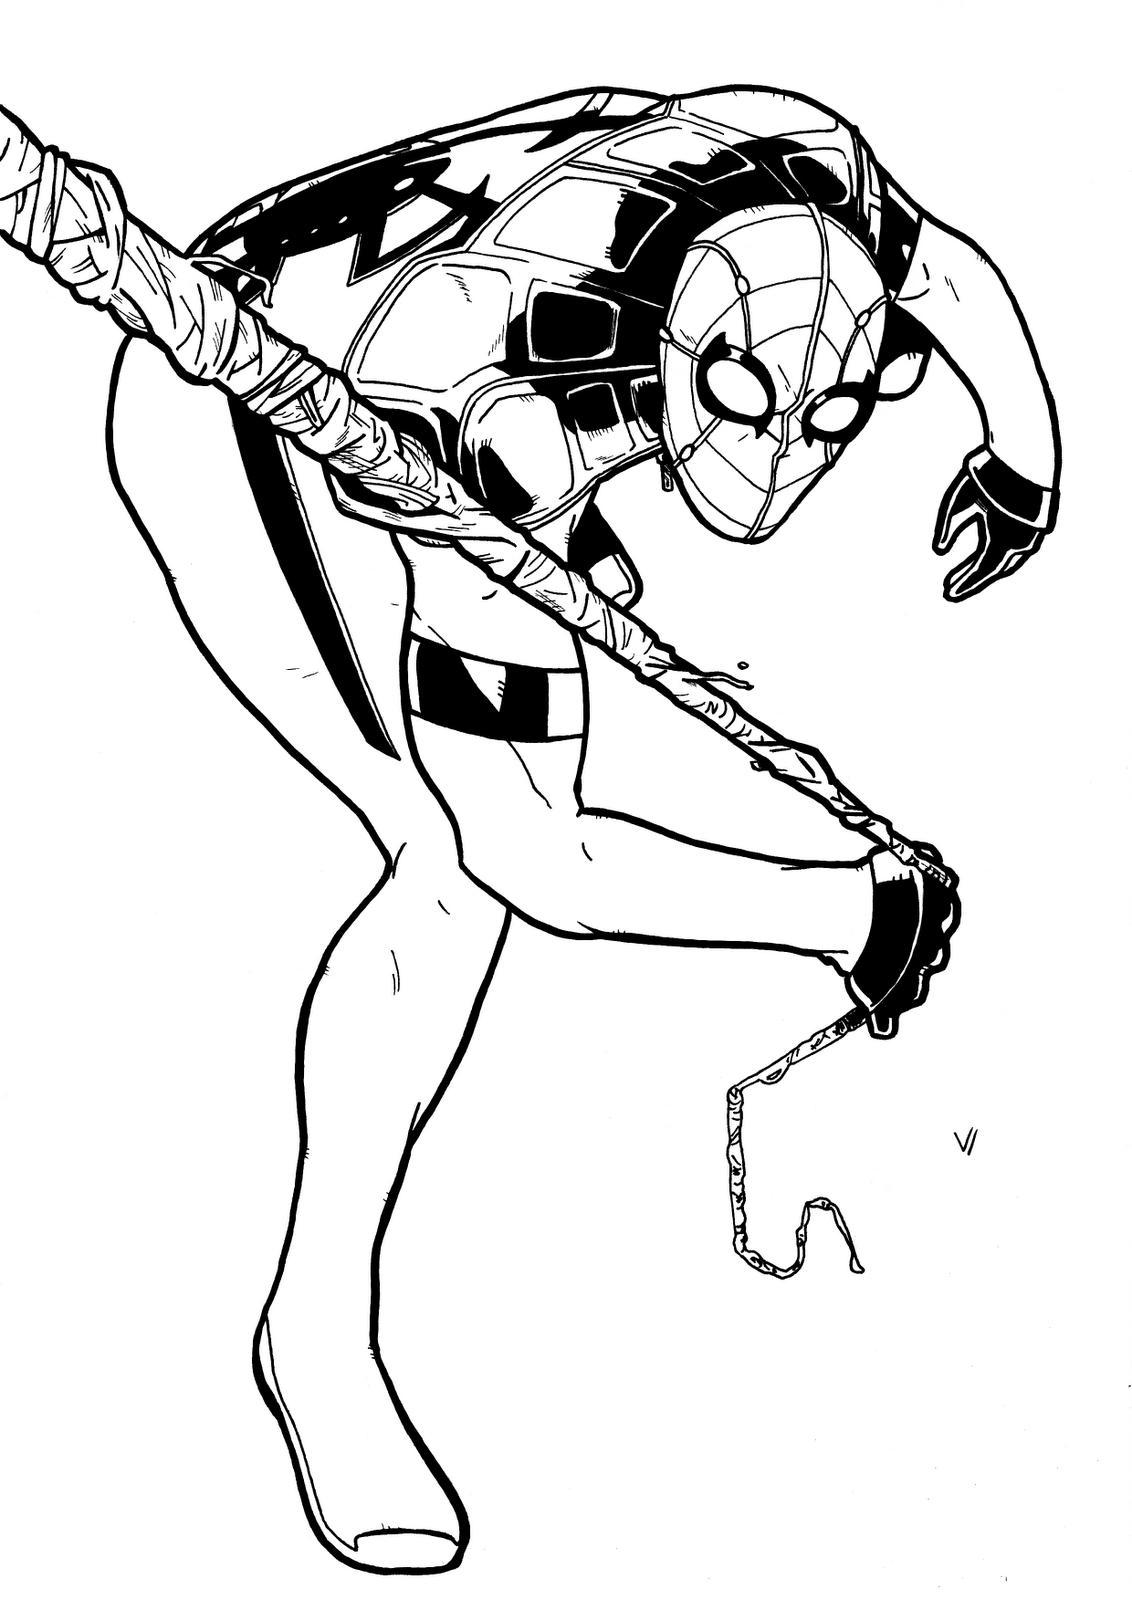 Spiderman 1 coloriage spiderman coloriages pour enfants - Coloriage de spider man ...